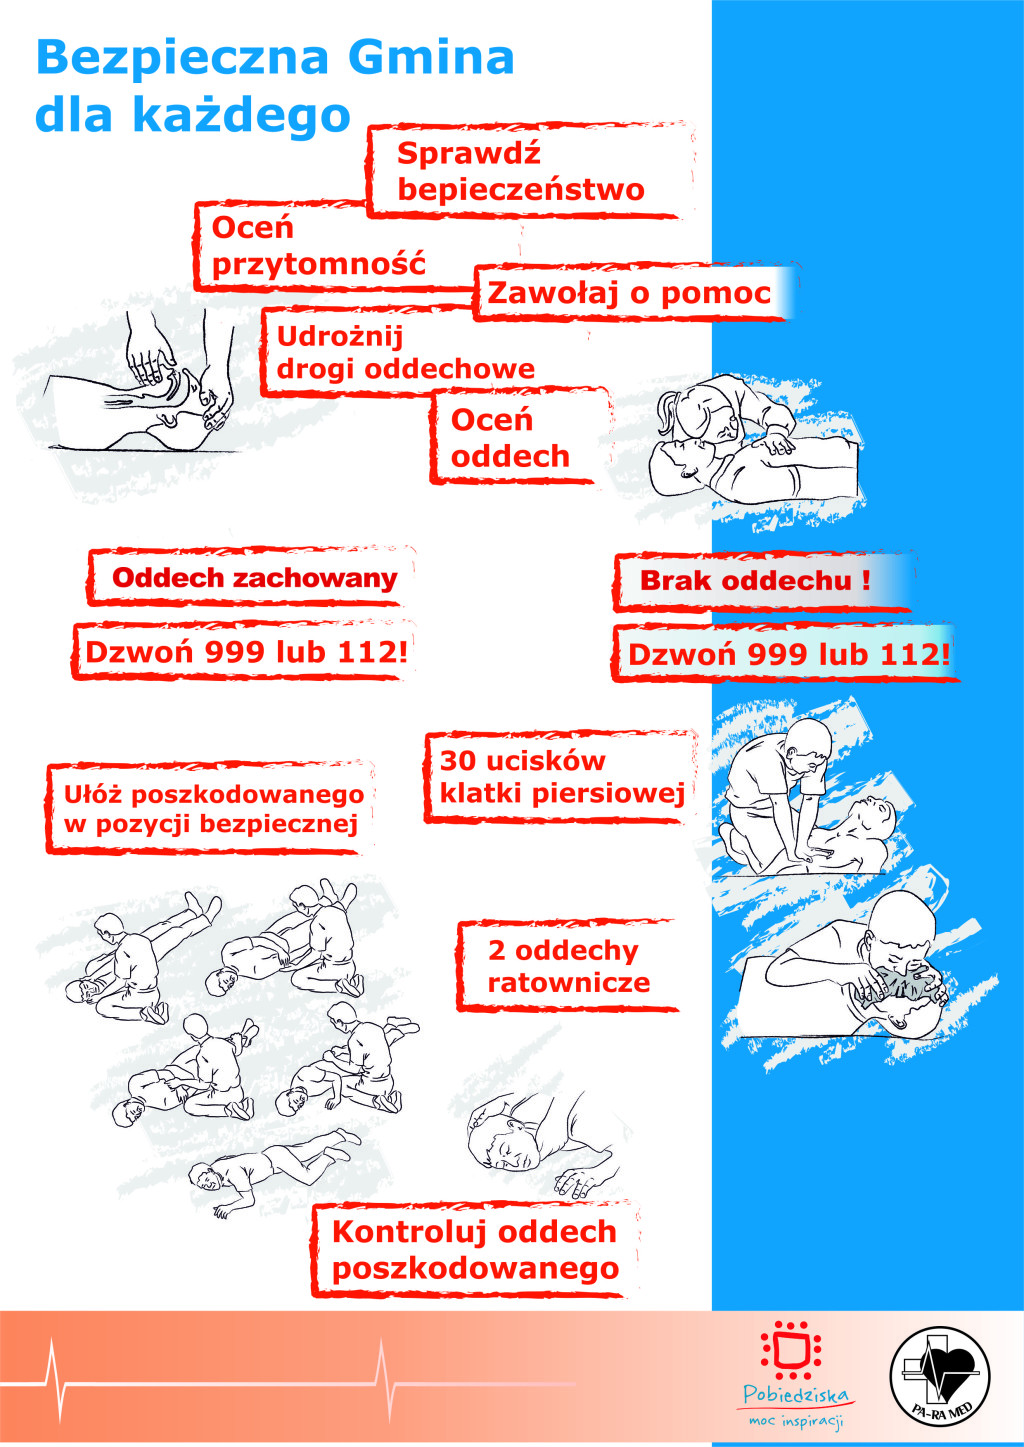 Resuscytacja s1